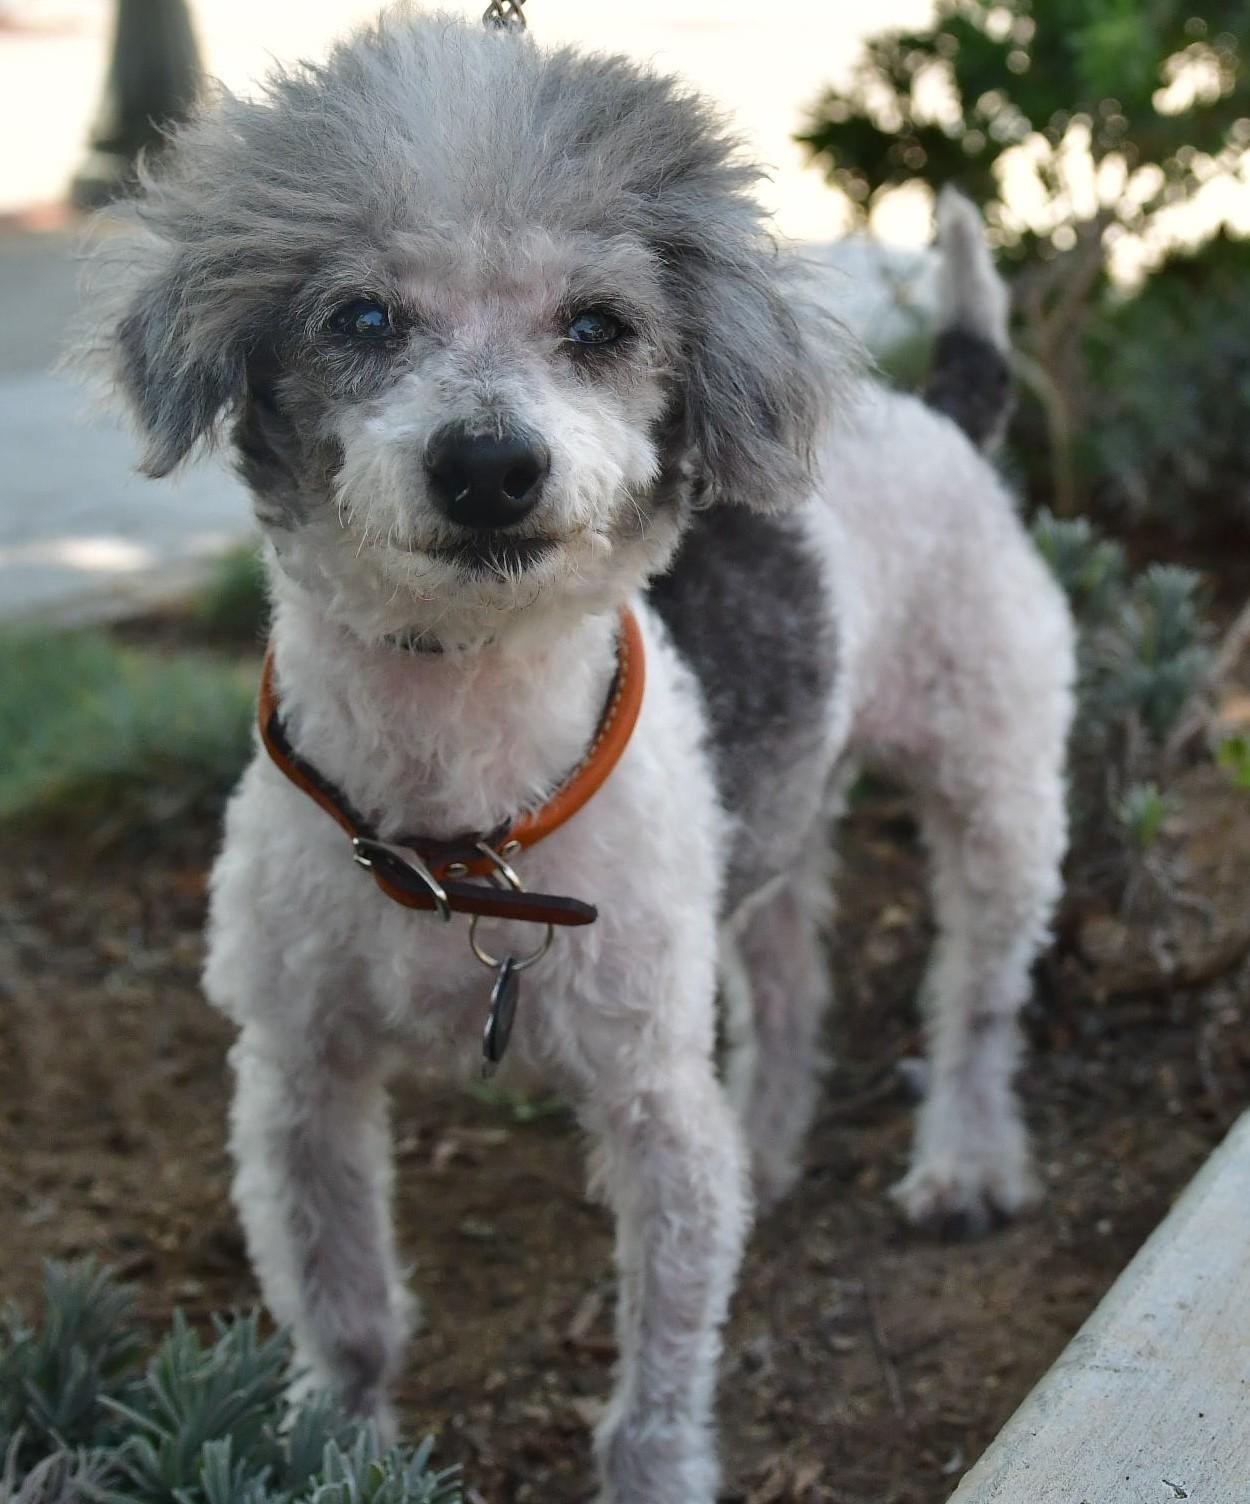 Gayweho Dogs 4 U On Dogs Poodle Animals